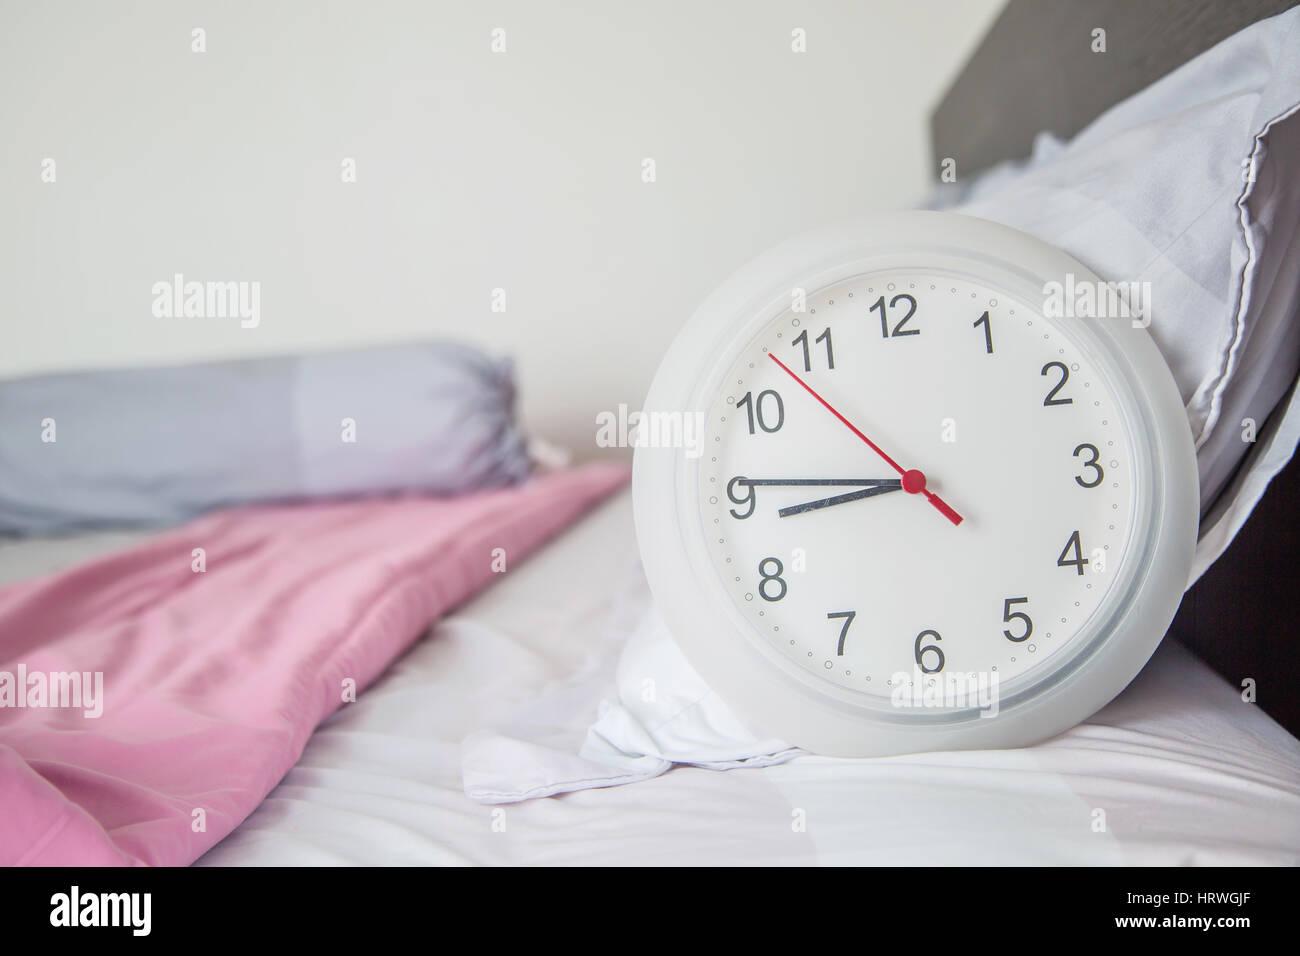 Cerca del reloj en la cama como la puesta en marcha mañana concepto. Foto de stock